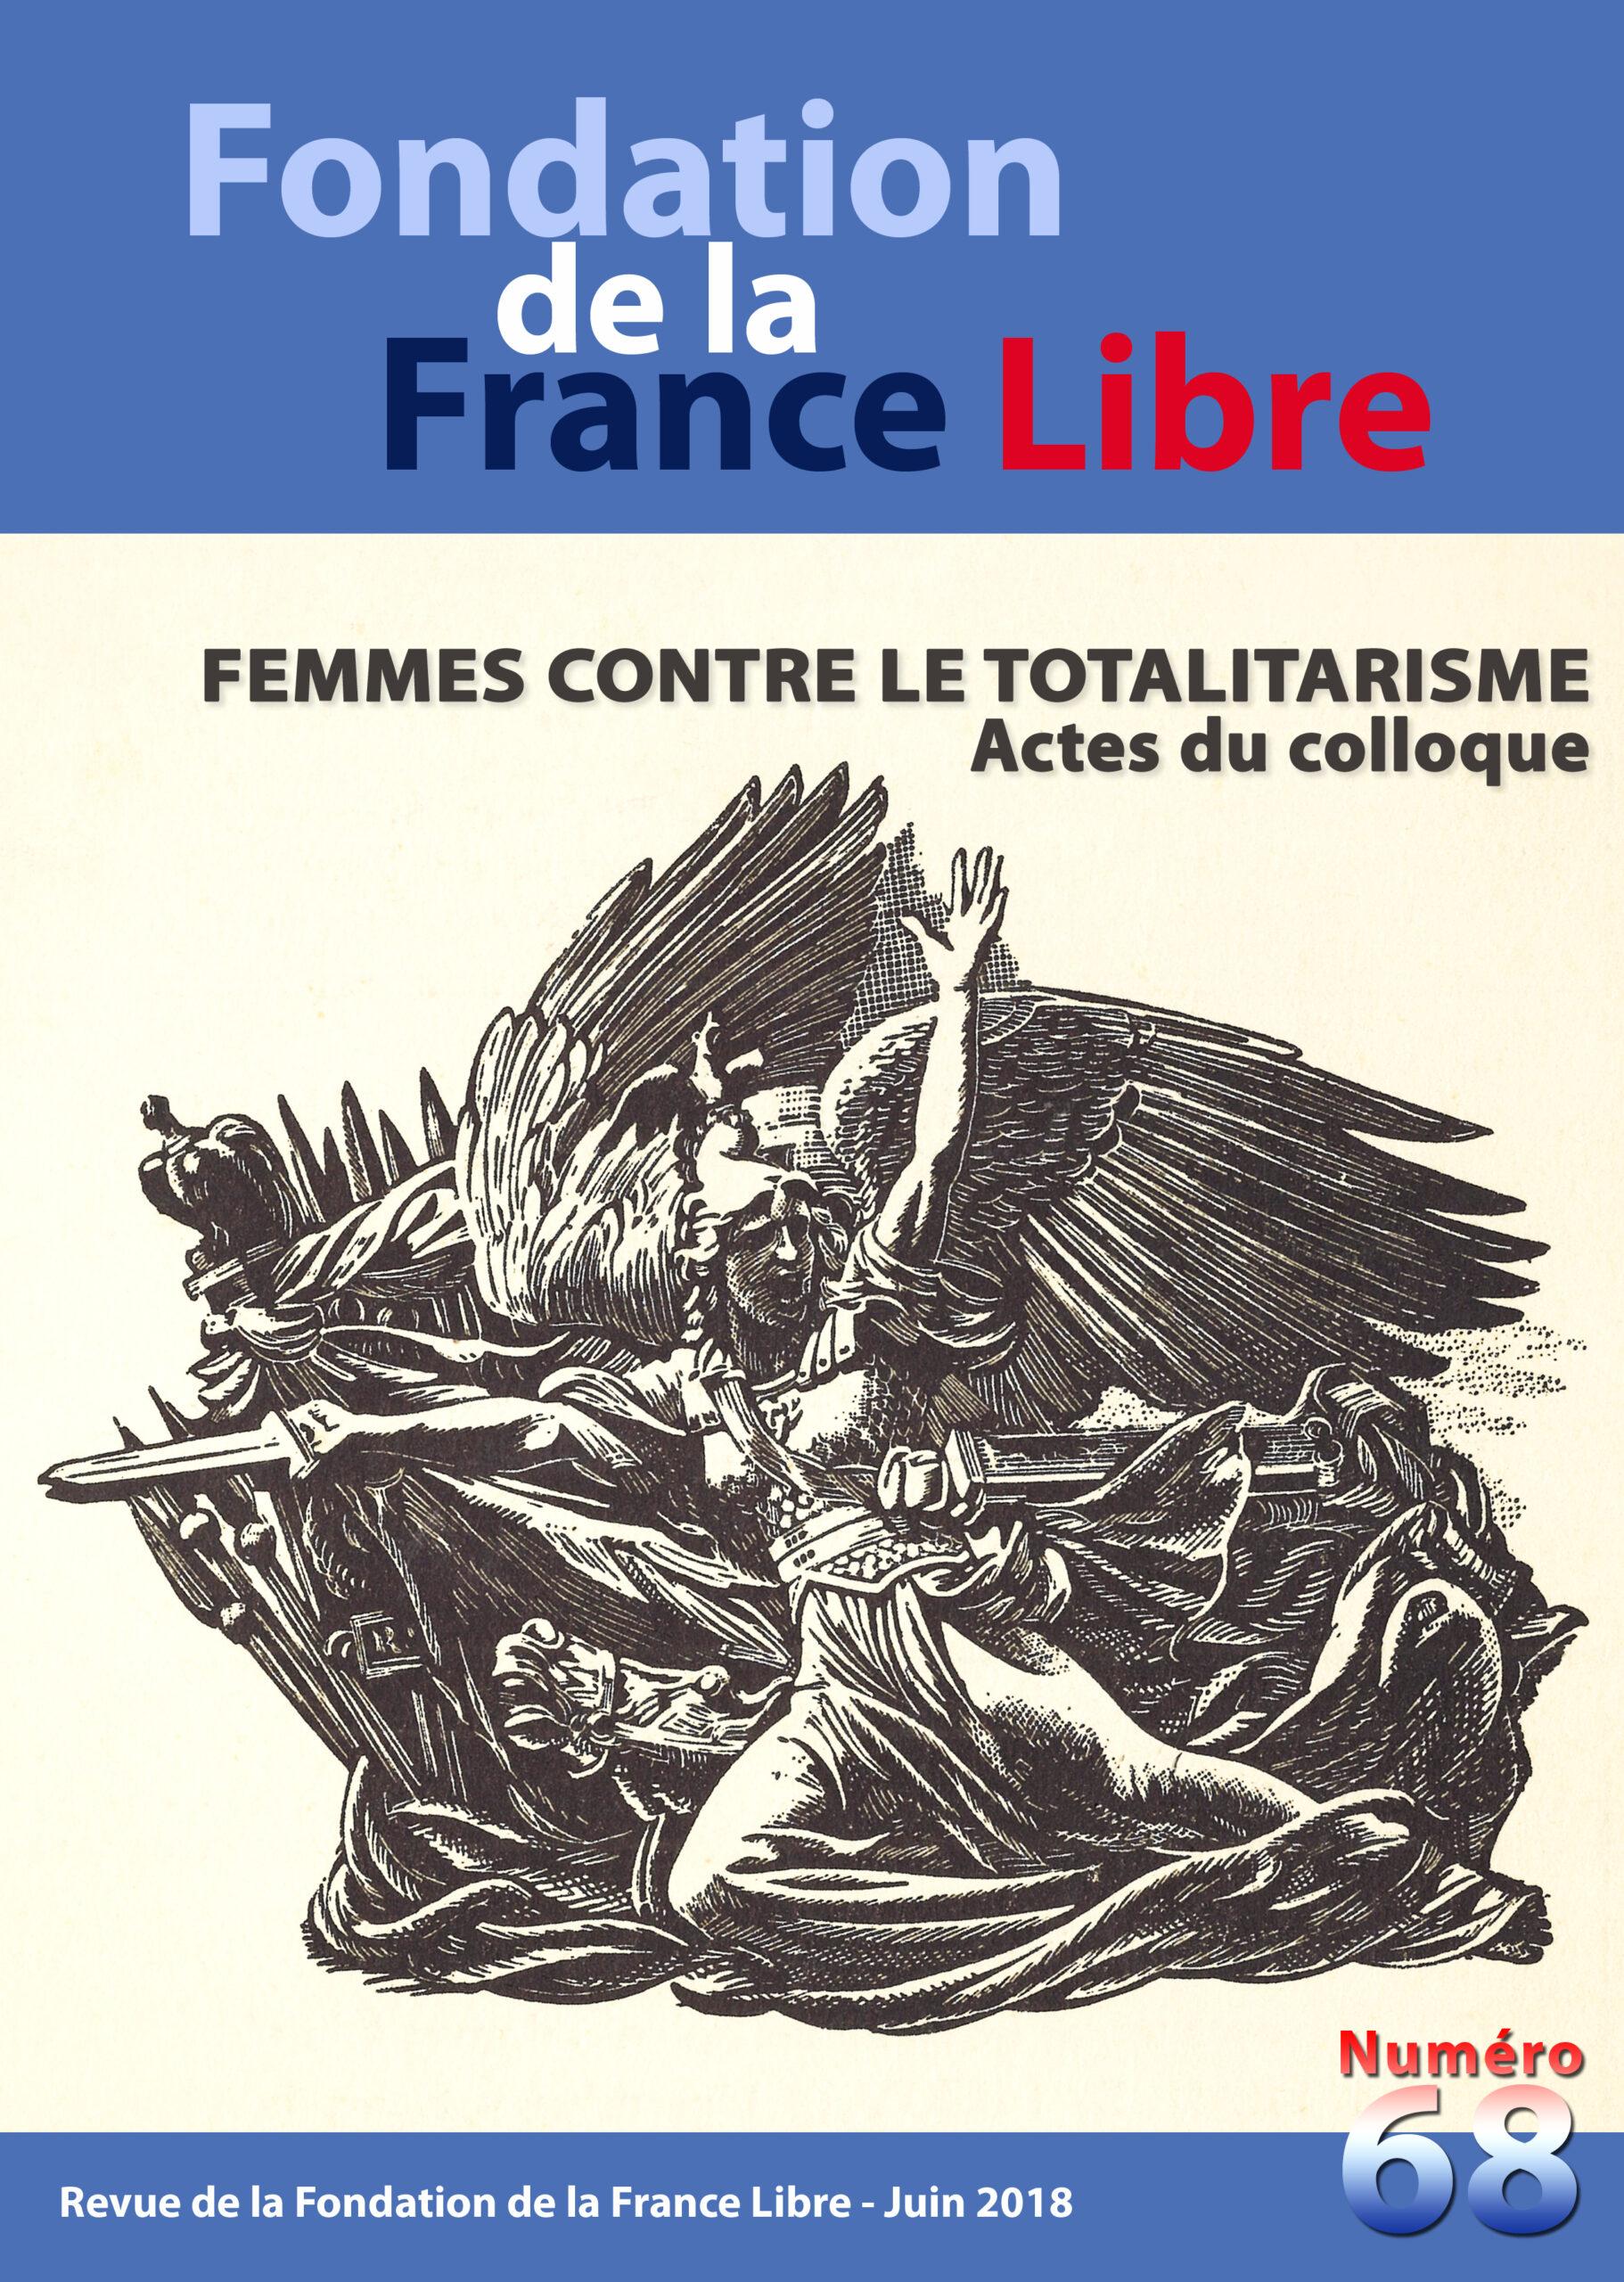 Fondation de la France Libre, n° 68, juin 2018